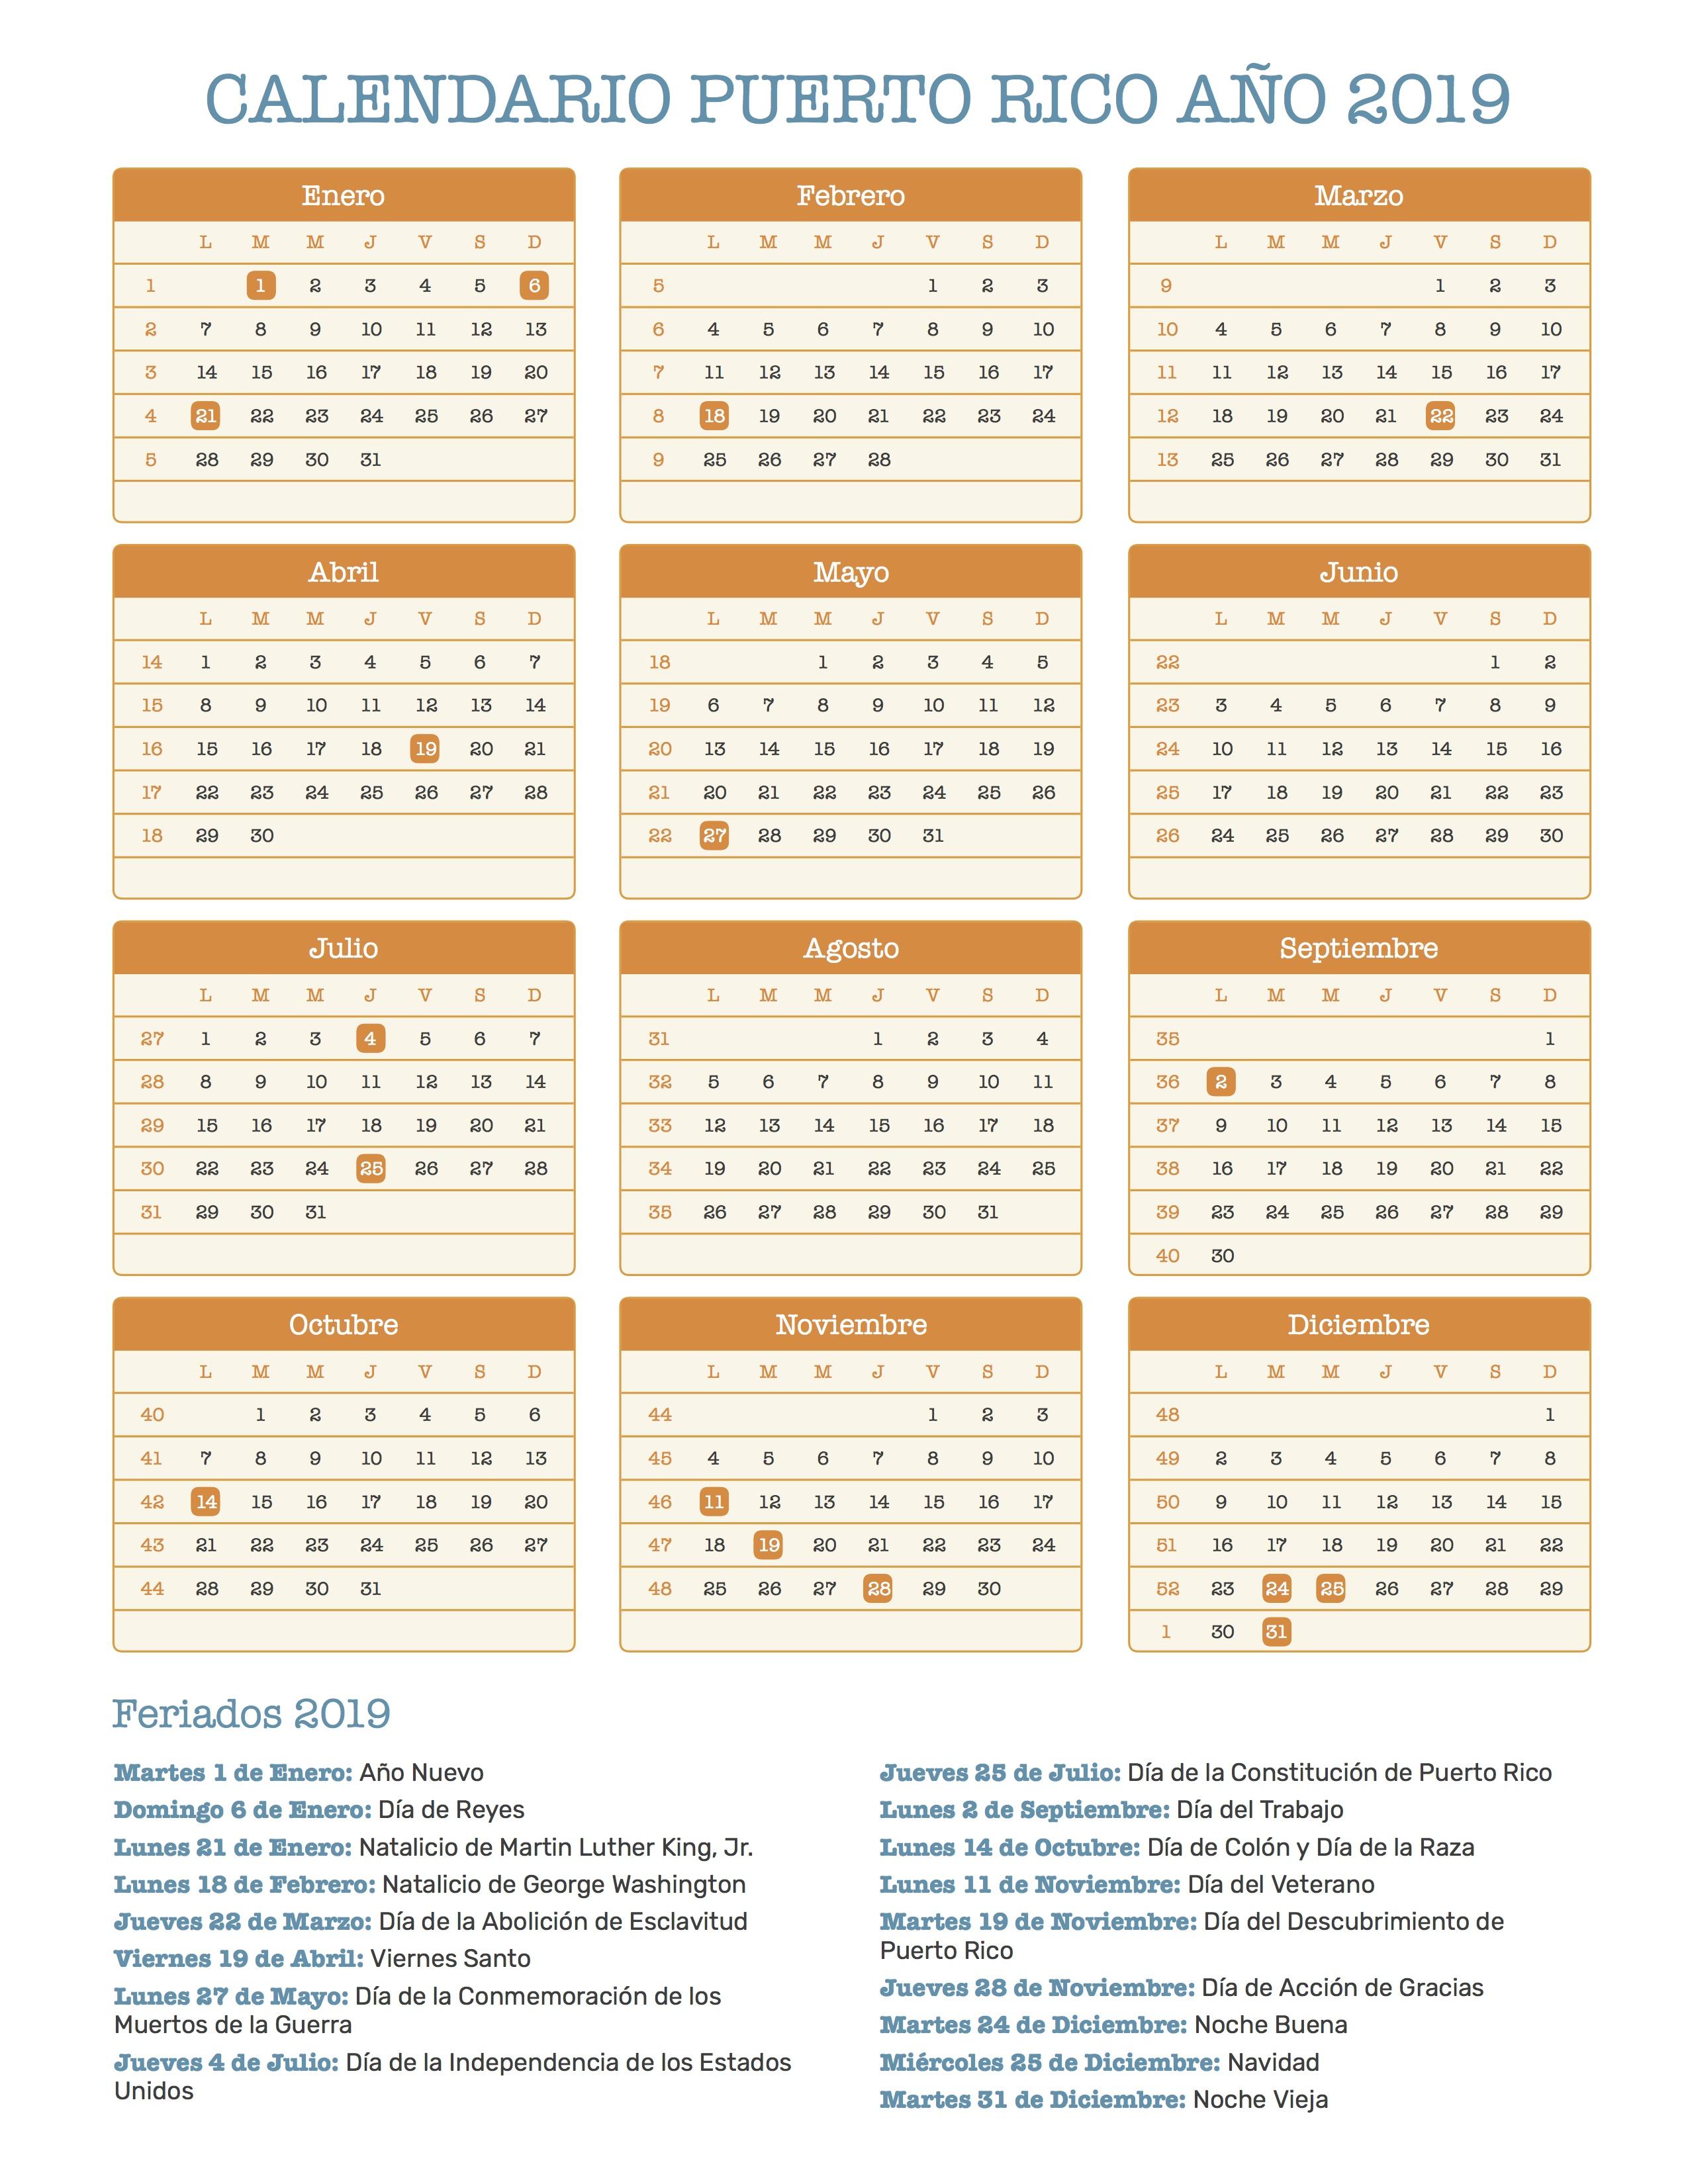 Calendario Julio 20019.Calendario De Puerto Rico Ano 2019 Feriados